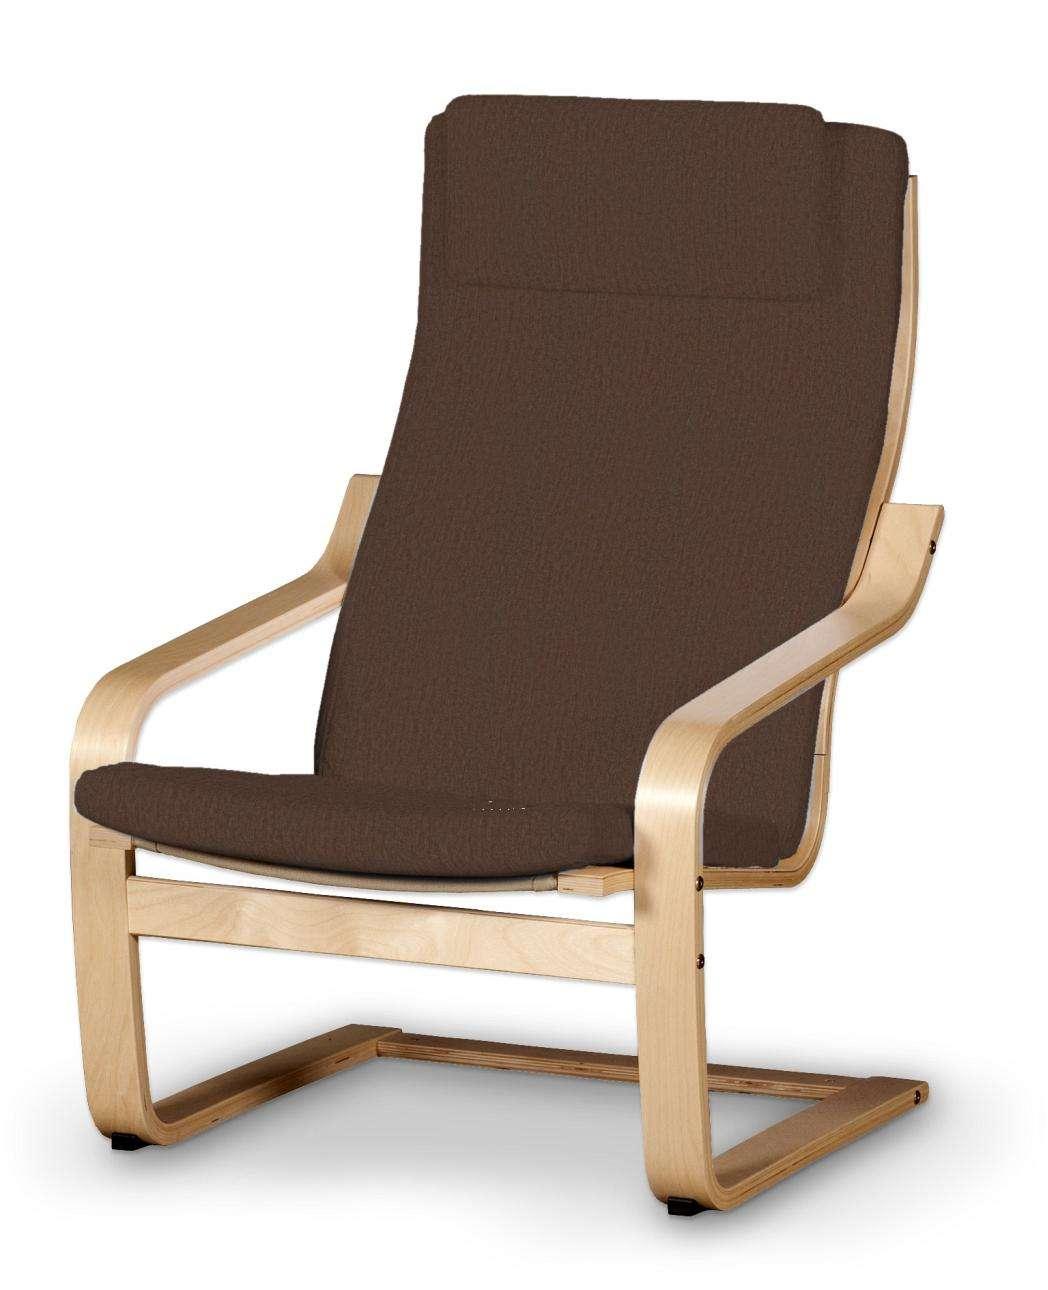 Poäng II  fotelio užvalkalas (su nuimama pagalvėle) Poäng II fotelis su nuimama pagalvėle kolekcijoje Chenille, audinys: 702-18